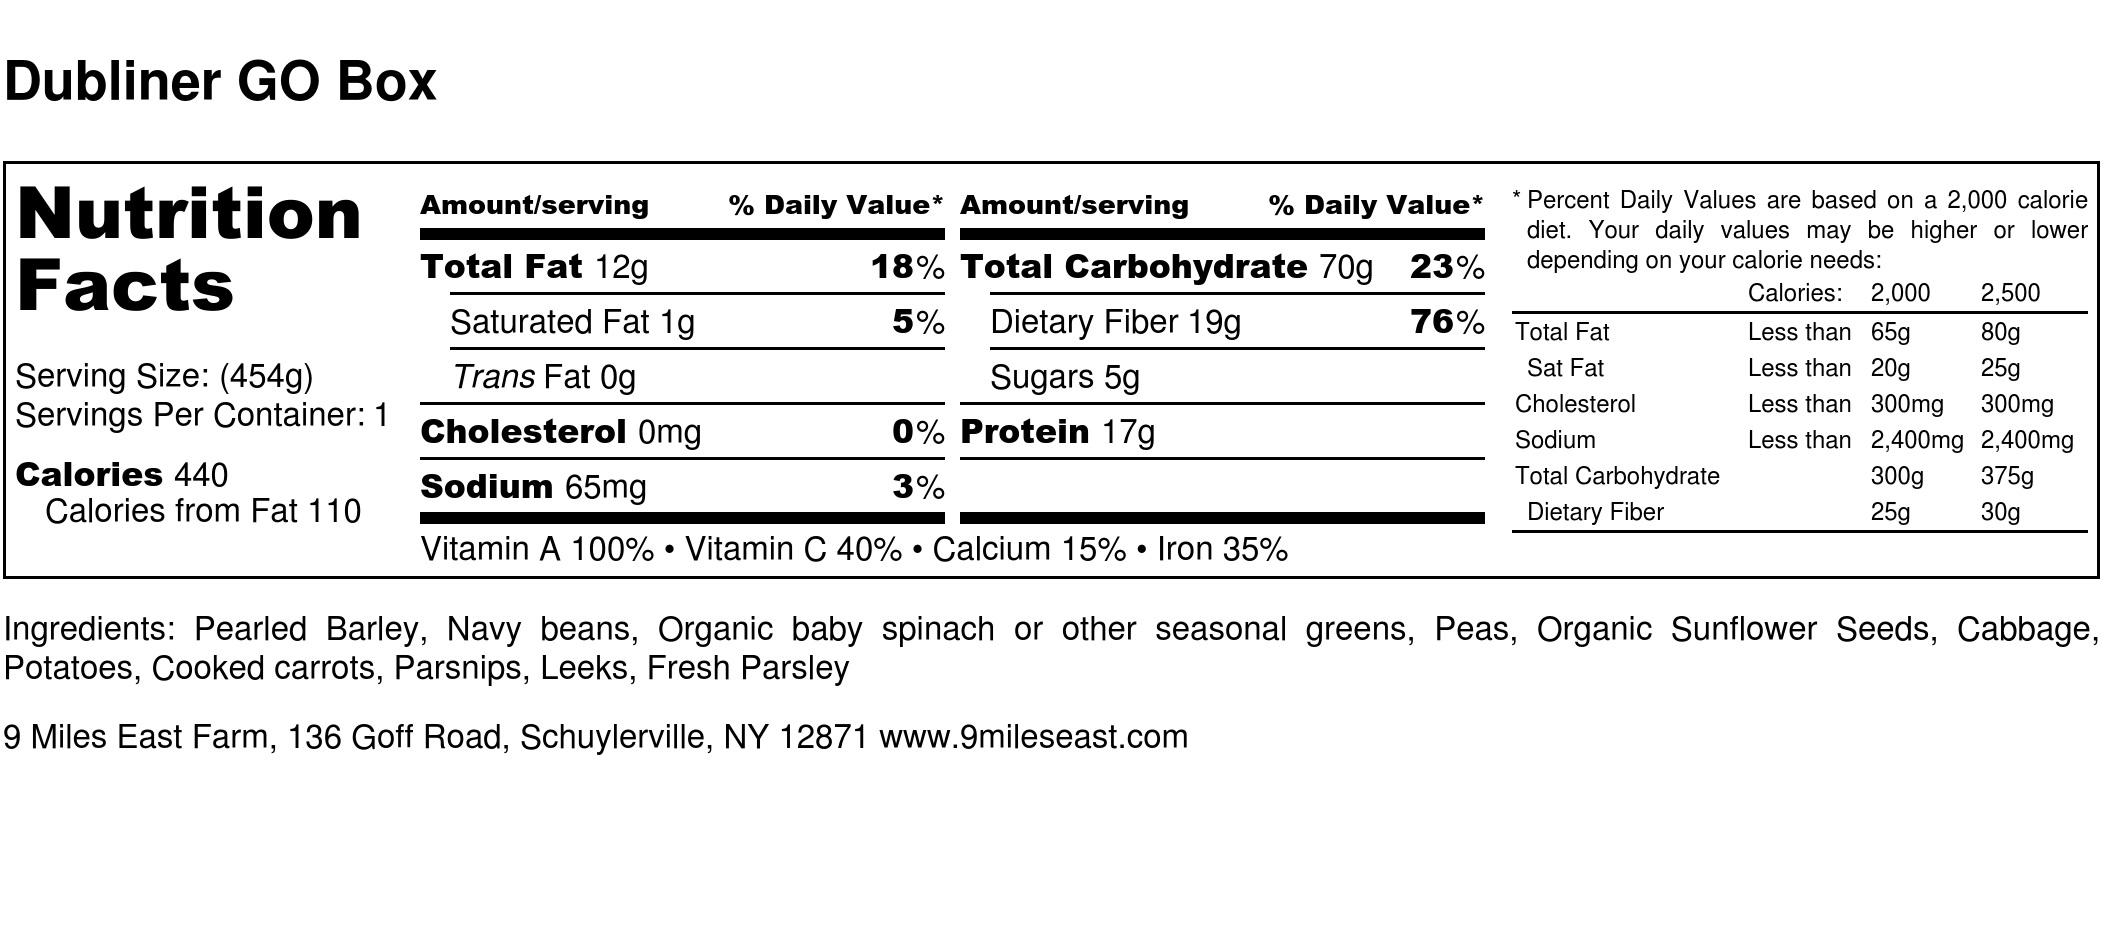 Dubliner GO Box - Nutrition Label.jpg